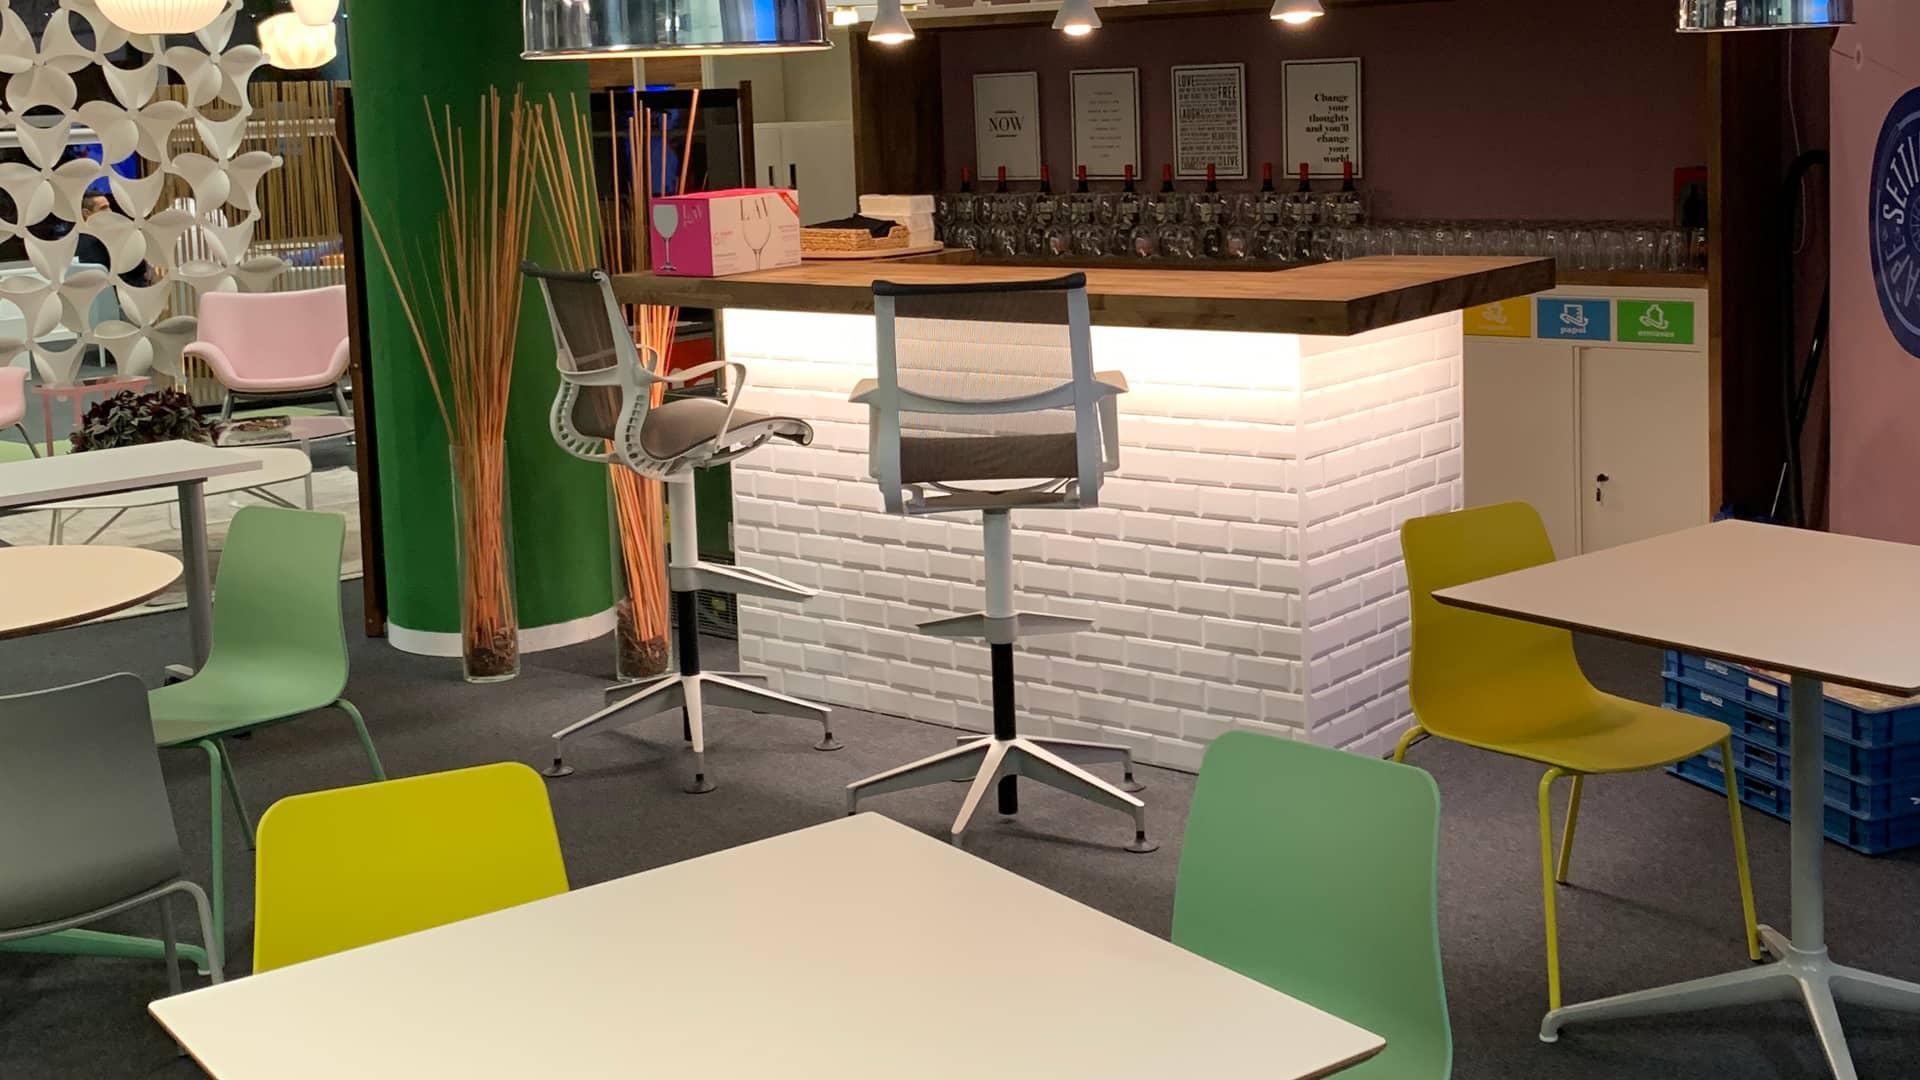 La oficina que motiva tiene lugares para socializar